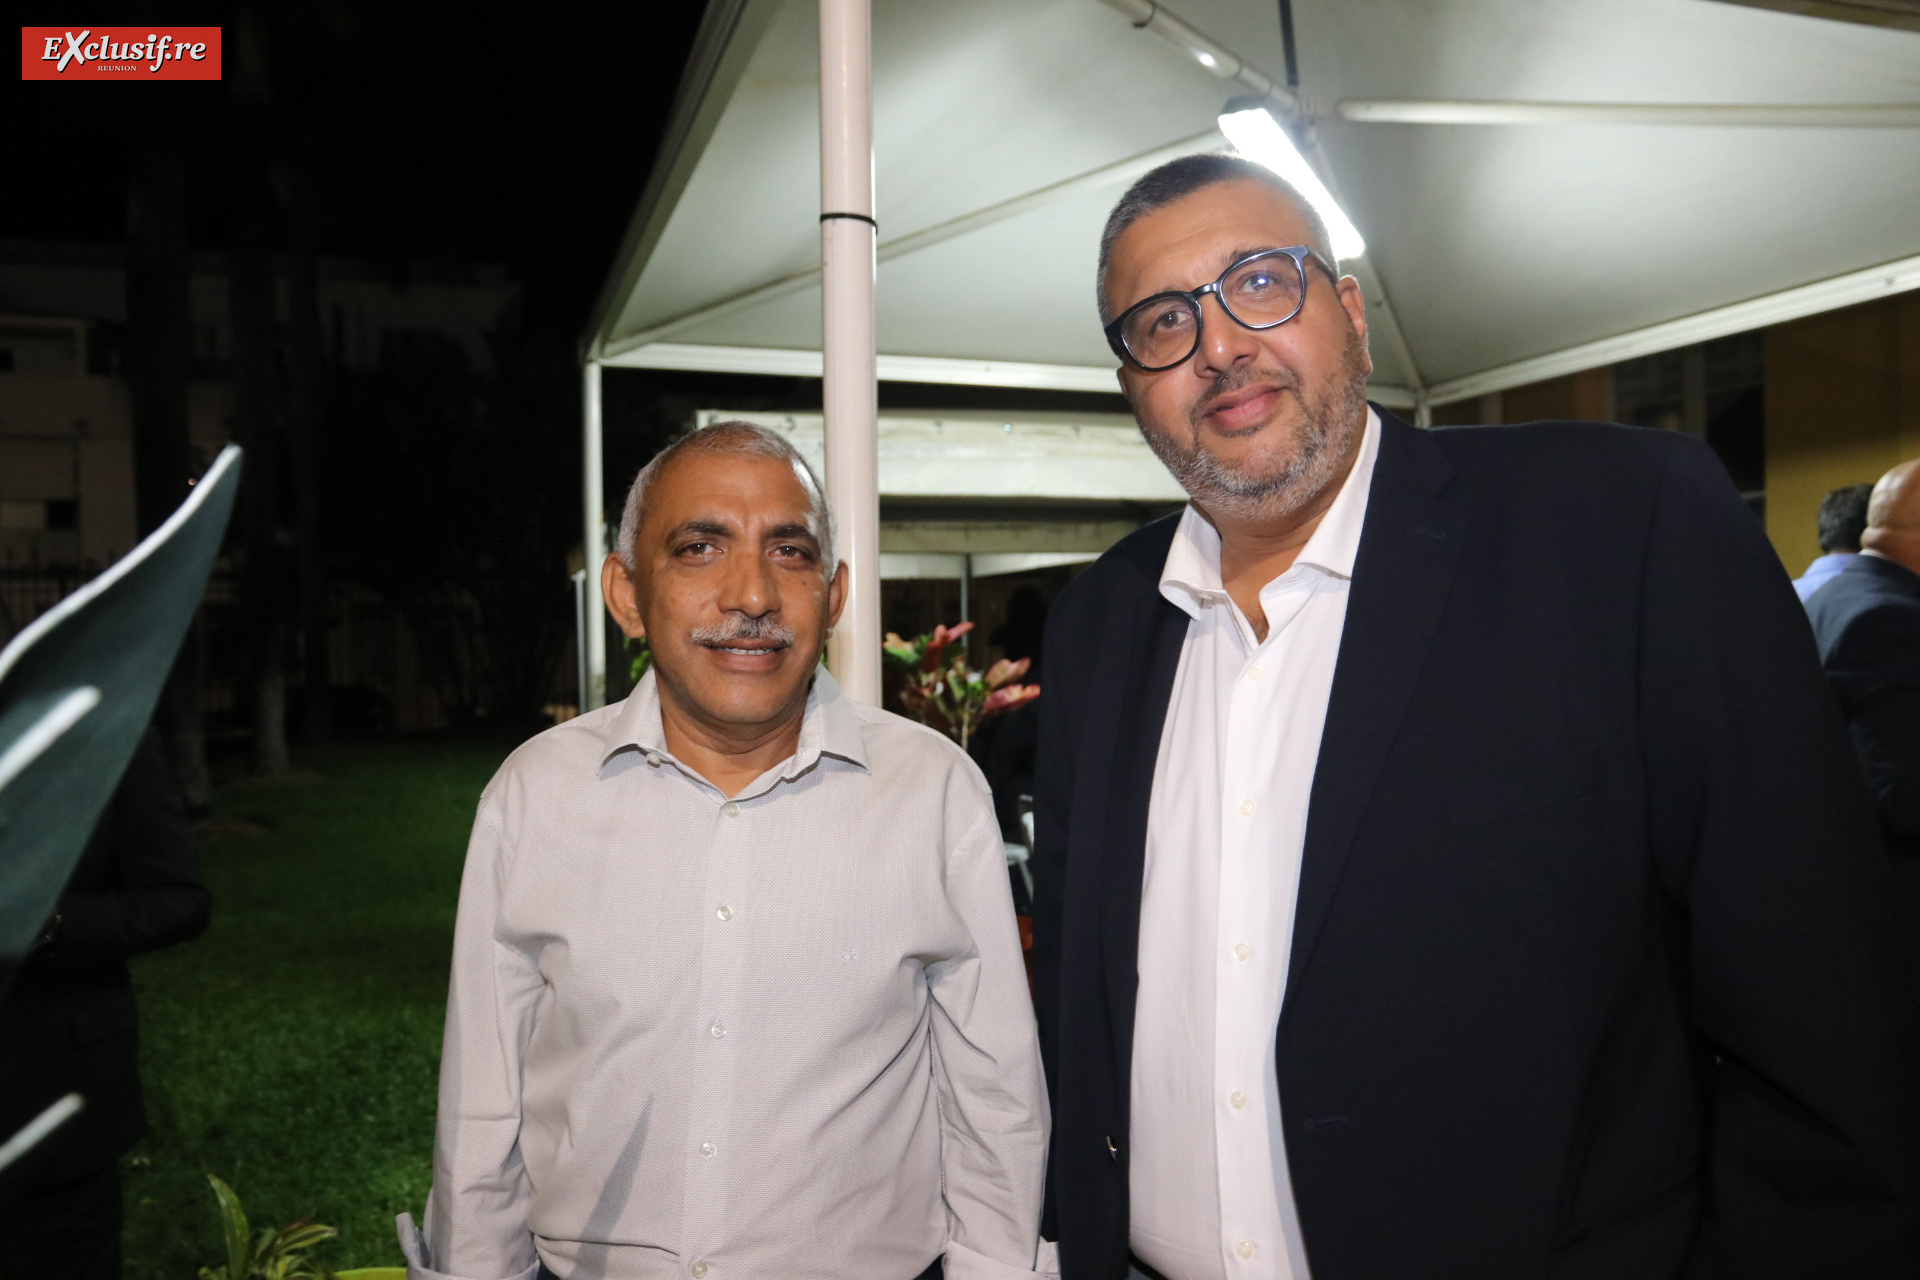 Abdullah Badat, chargé prospective économique mairie de Saint-Denis, et Haroun Gany, vice-président de la Chambre des Métiers